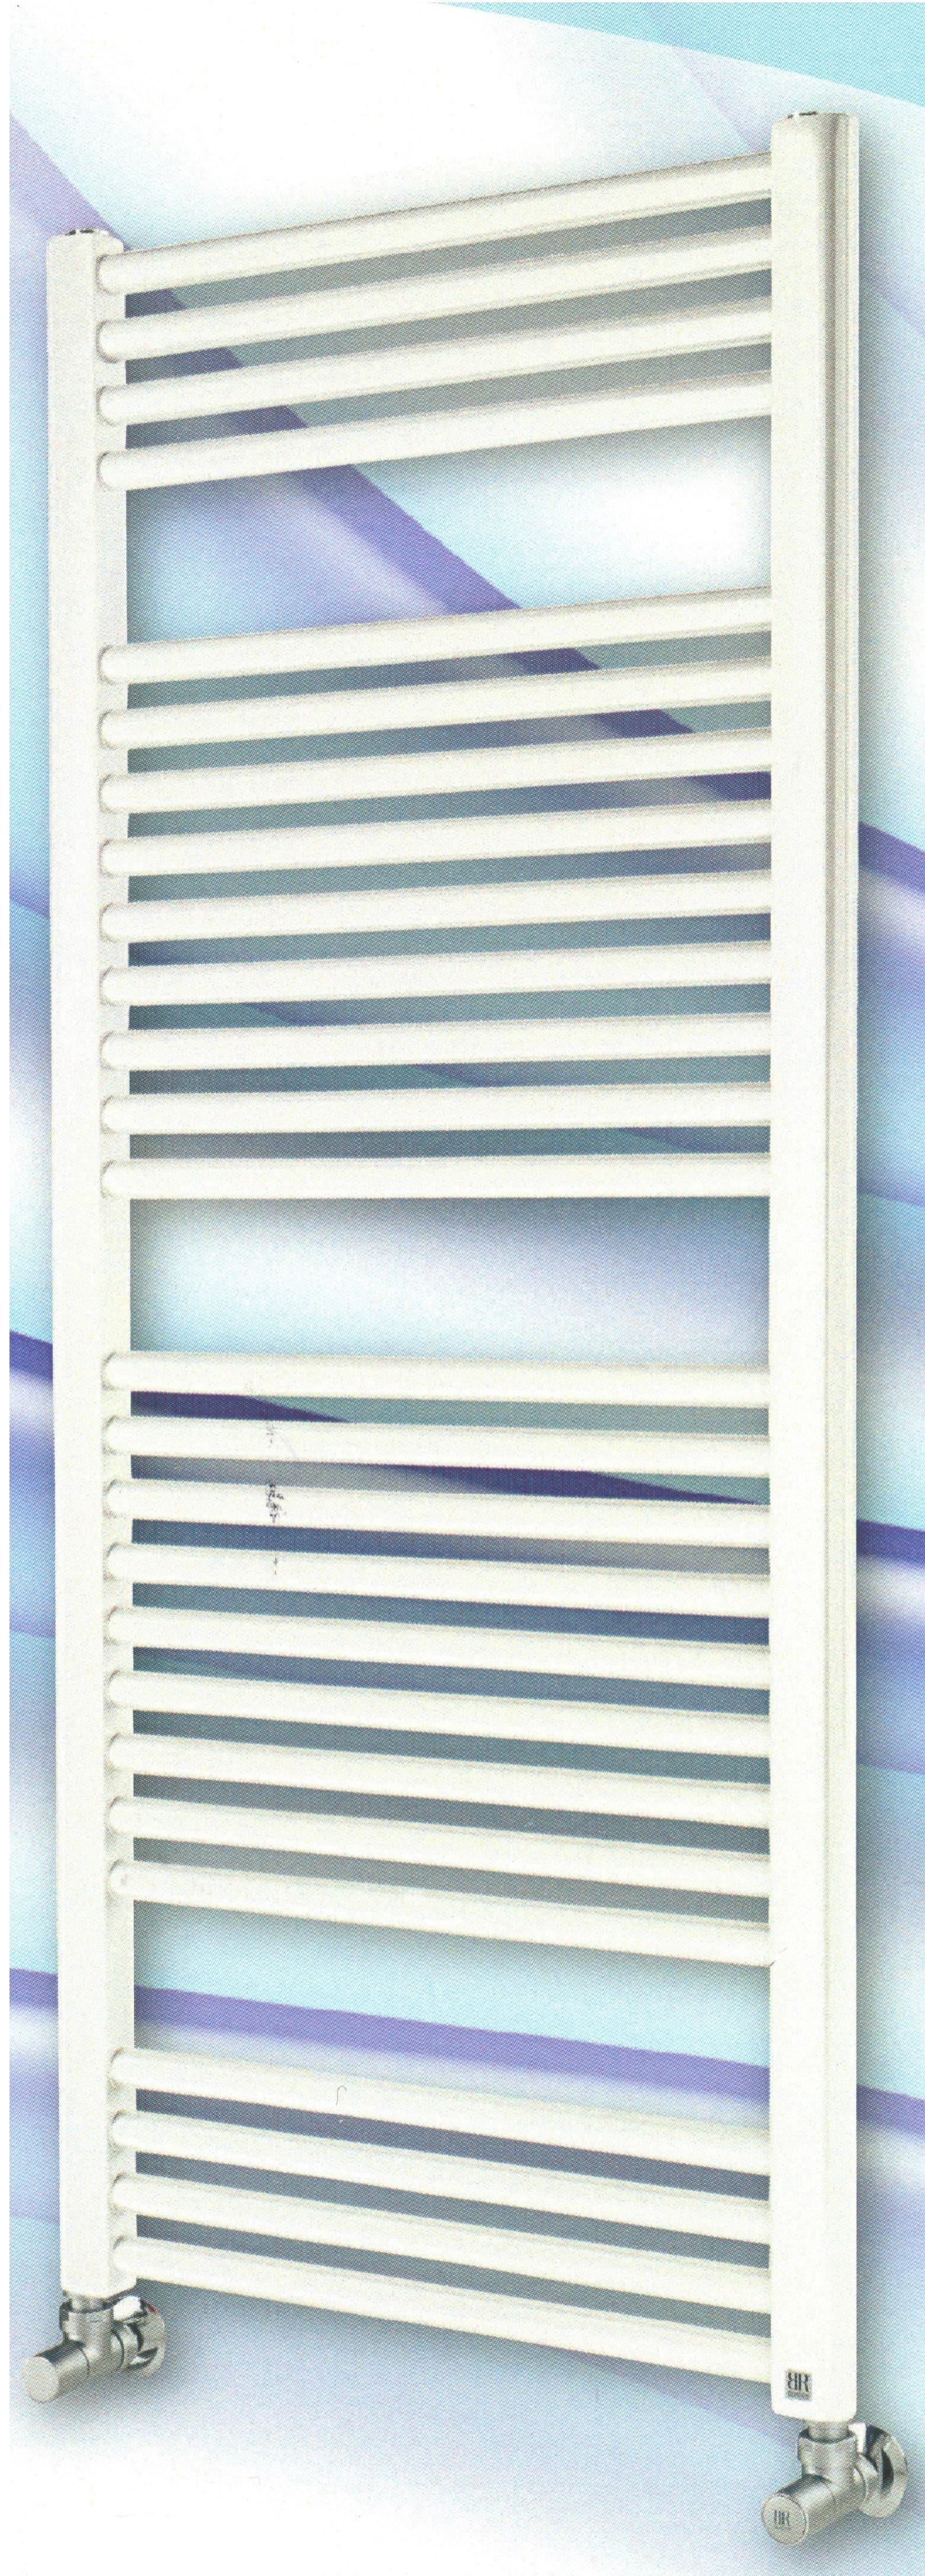 Radiatore scaldasalviette bianco 550x750